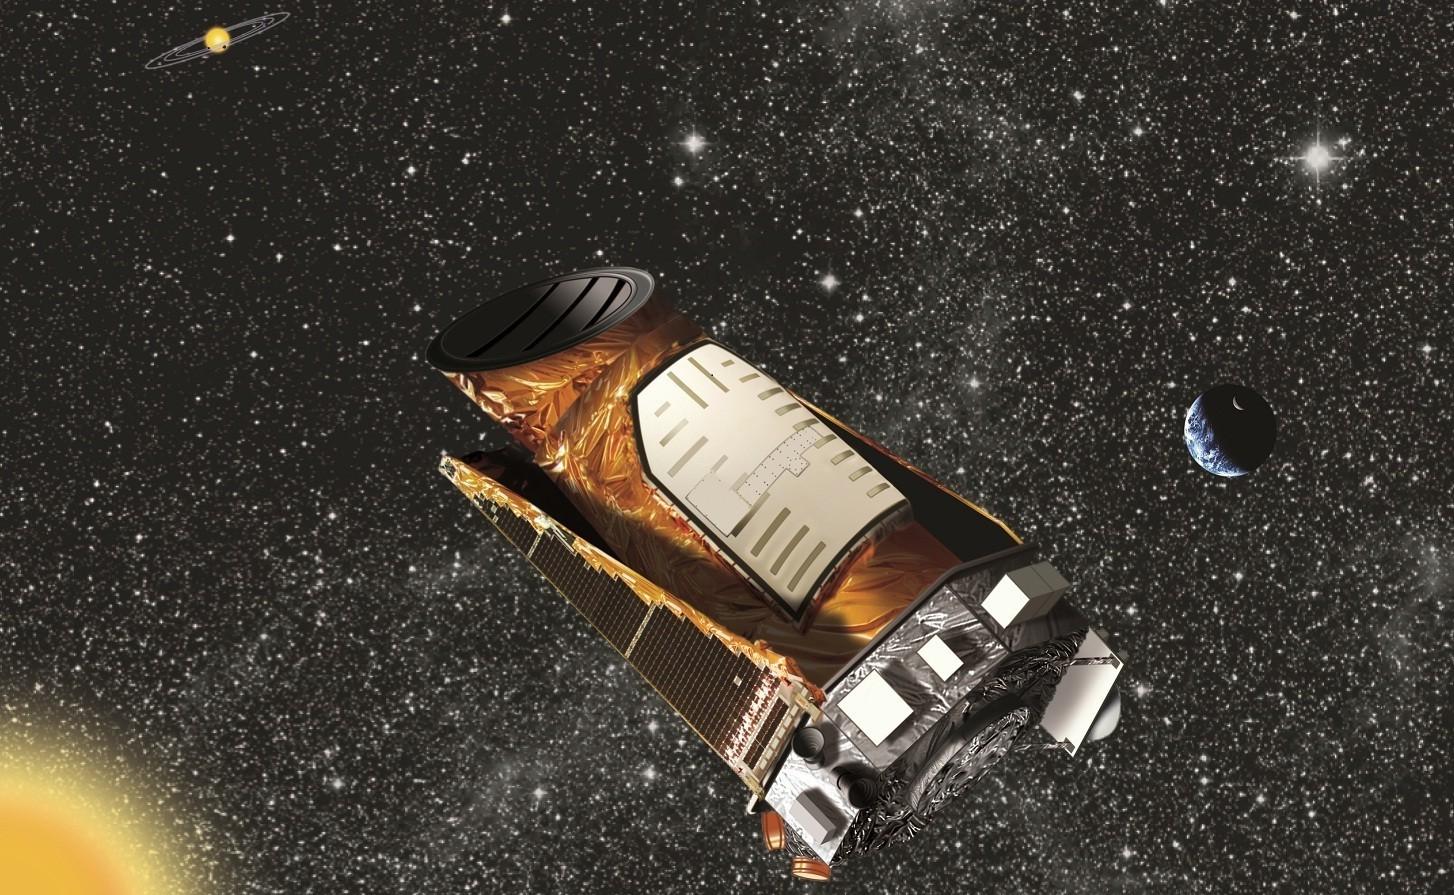 NASA Kepler spacecraft gets new mission, K2 - LA Times